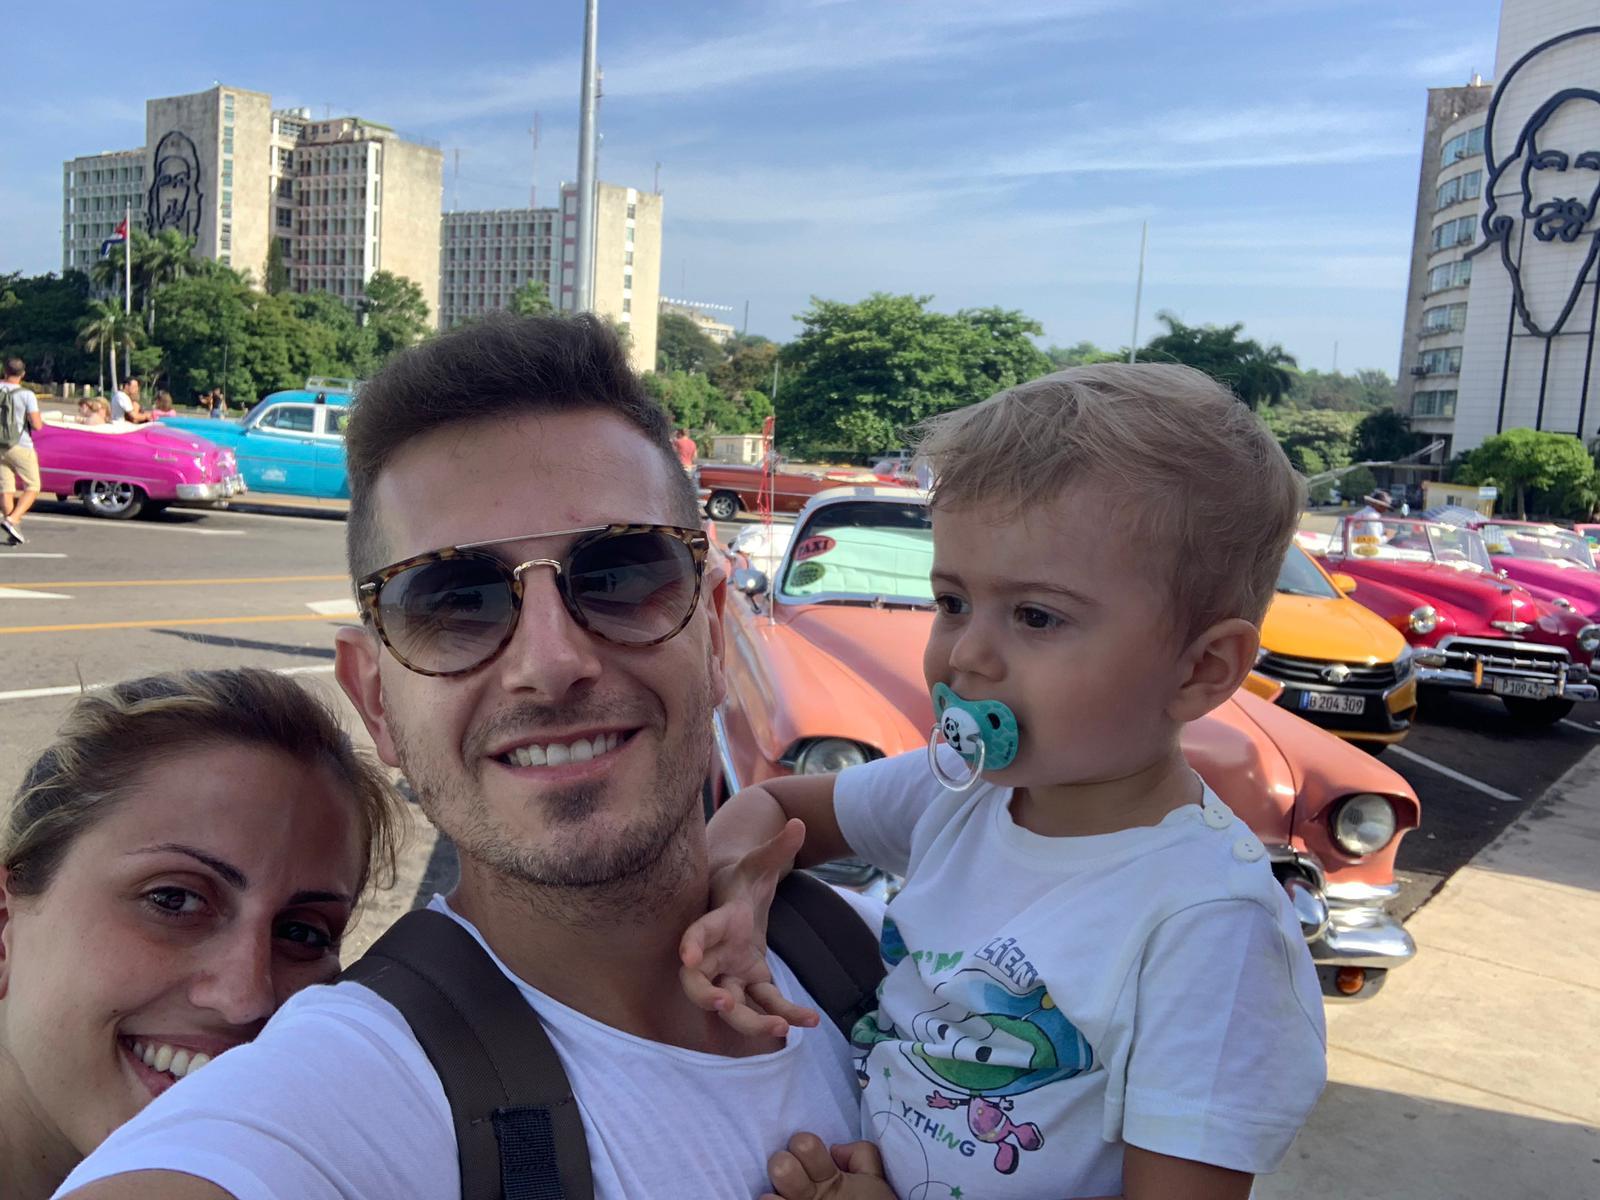 Gennaro, Imma e Gabriel a Cayo Largo e Havana dal 3 al 11 agosto 2019. #ConcorsoFotograficoViaggiCarmen2019